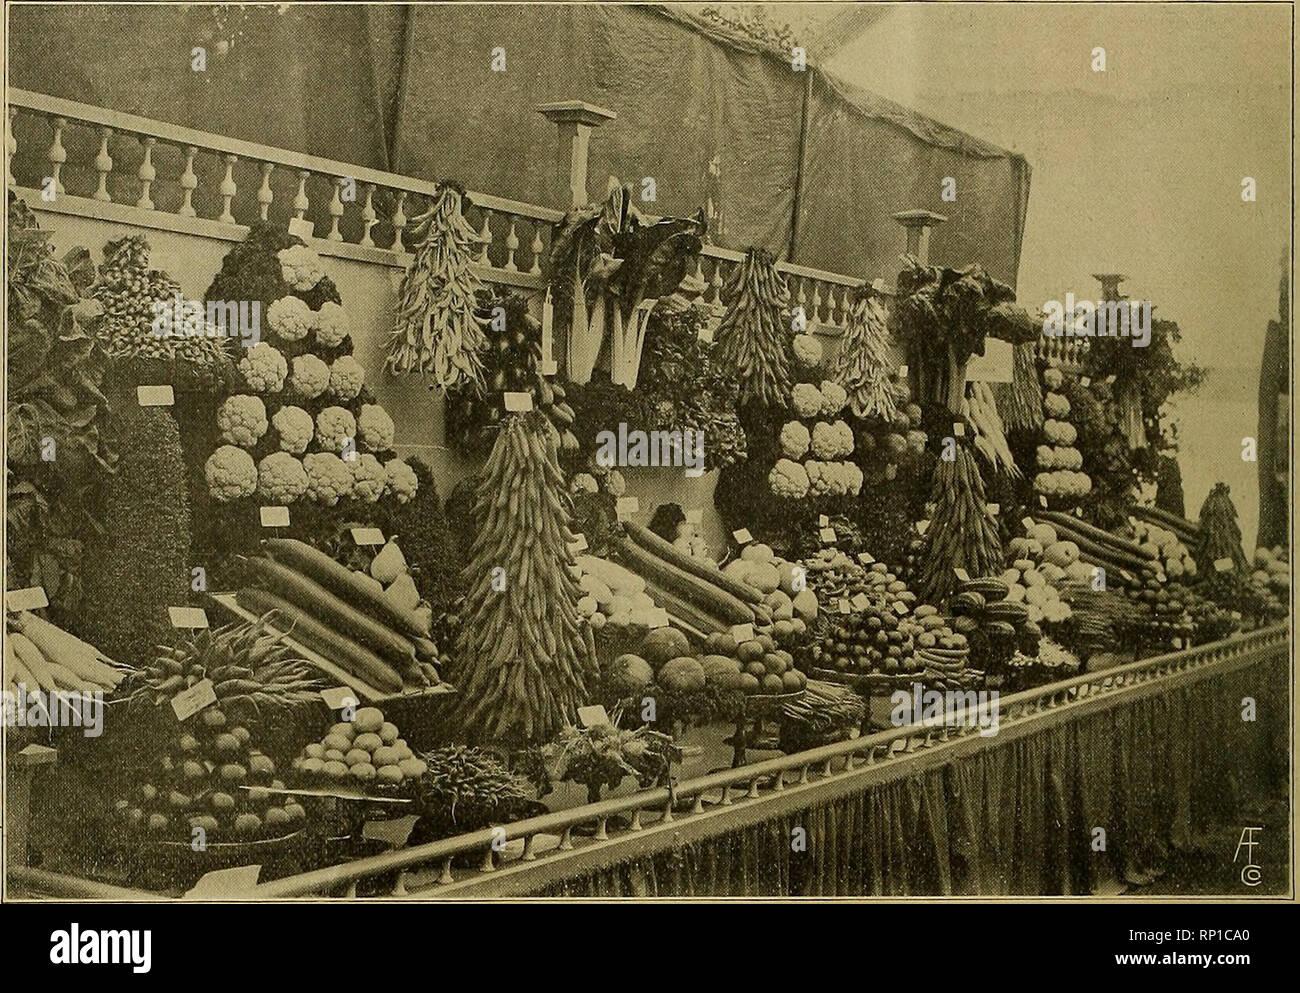 Mrs E T Stock Photos & Mrs E T Stock Images - Alamy